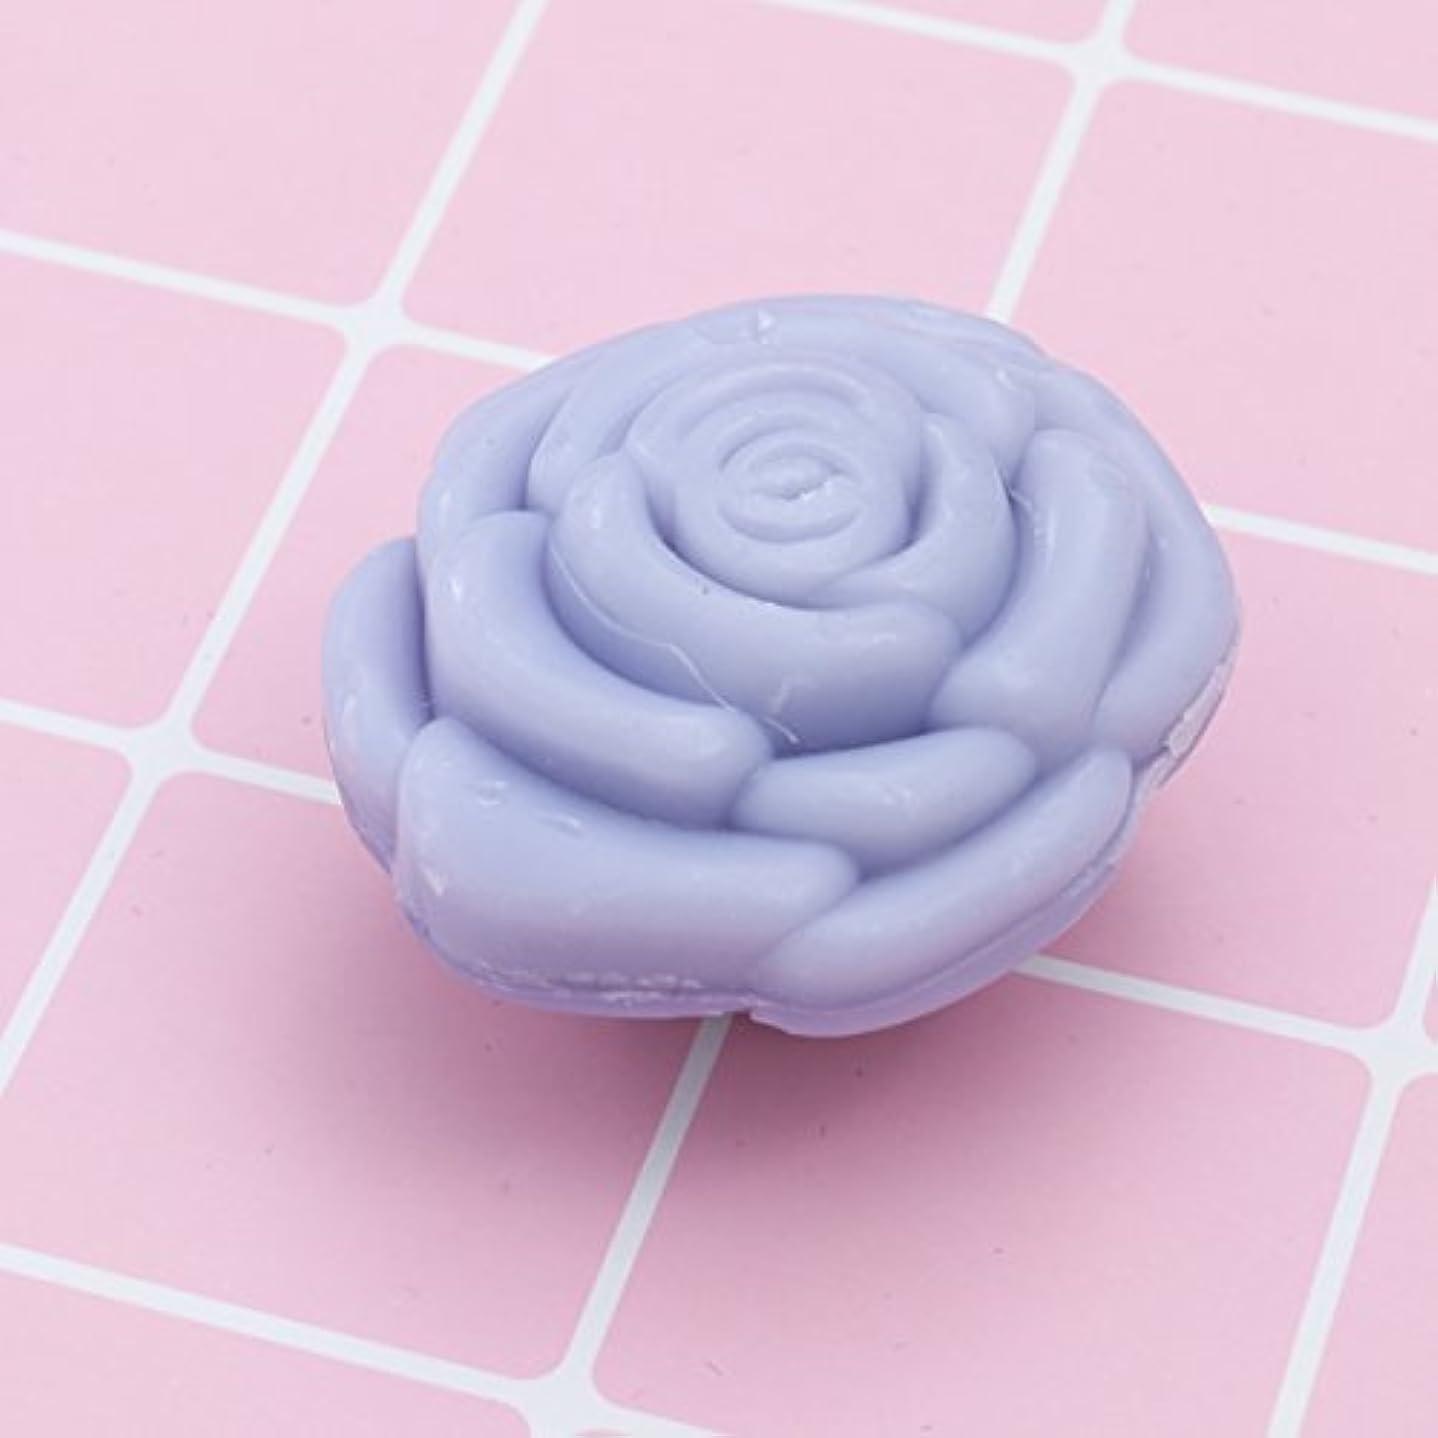 ふさわしいドリルアラビア語Amosfun 手作り石鹸オイルローズフラワーソープアロマエッセンシャルオイルギフト記念日誕生日結婚式バレンタインデー(紫)20ピース